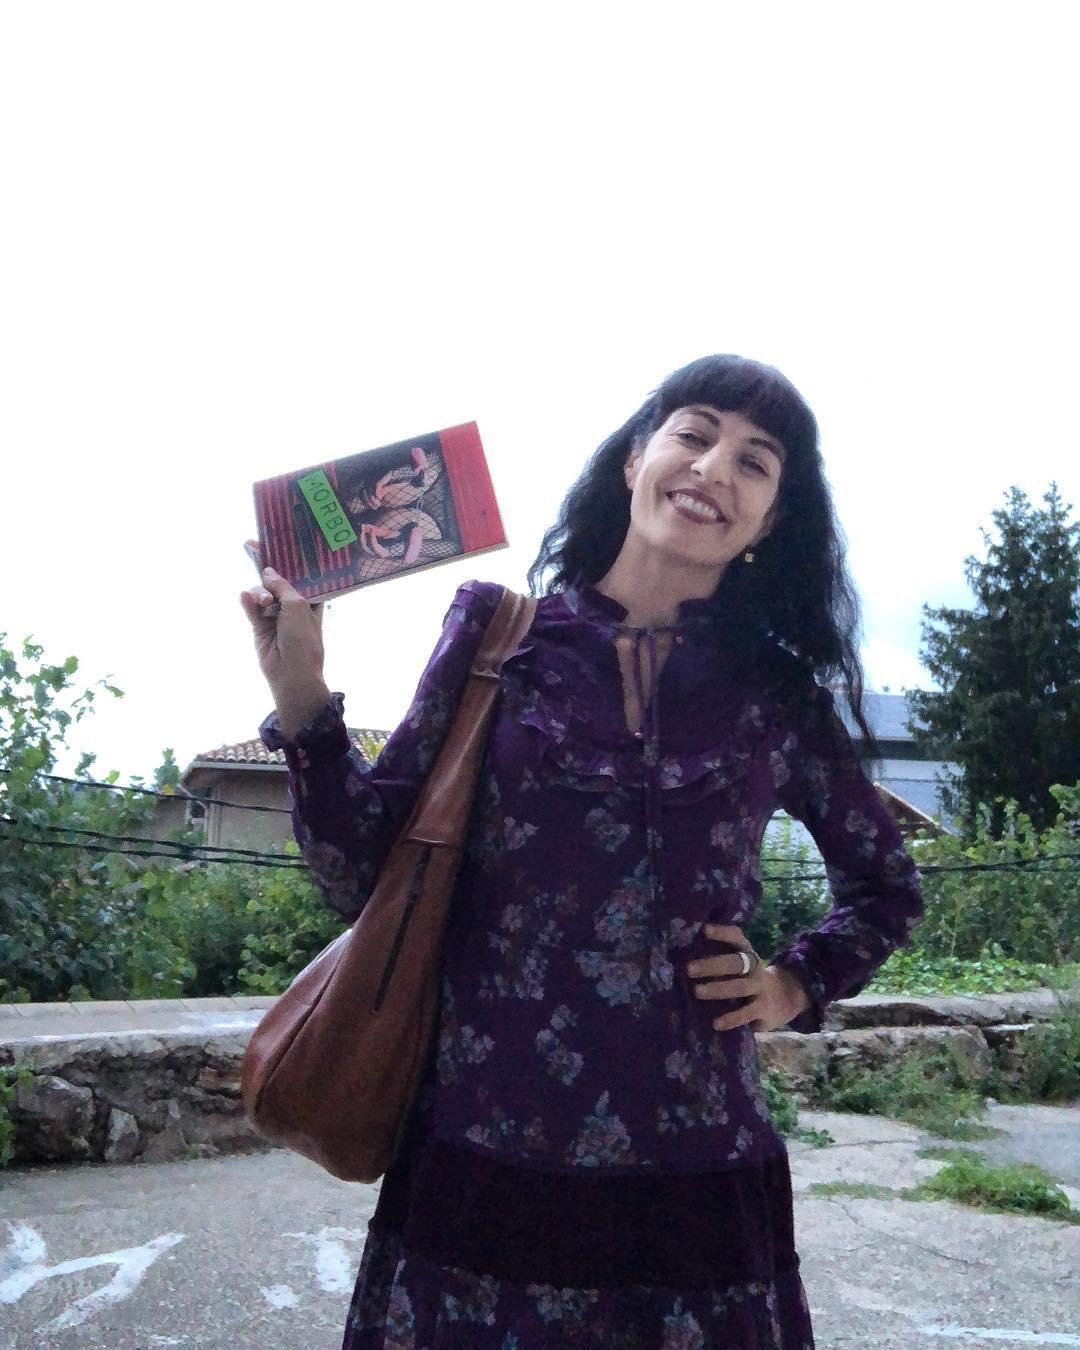 """Amb els ulls tancats / em gaudeixo. Amb els ulls oberts / m'aprecies qualsevol dels orificis. / Per això és que parpellejo, / per tenir-ho tot. 📚Roser Amills, poema de """"Morbo"""", Cossetània 2012 (2ª edició, bilingüe català-castellà)"""